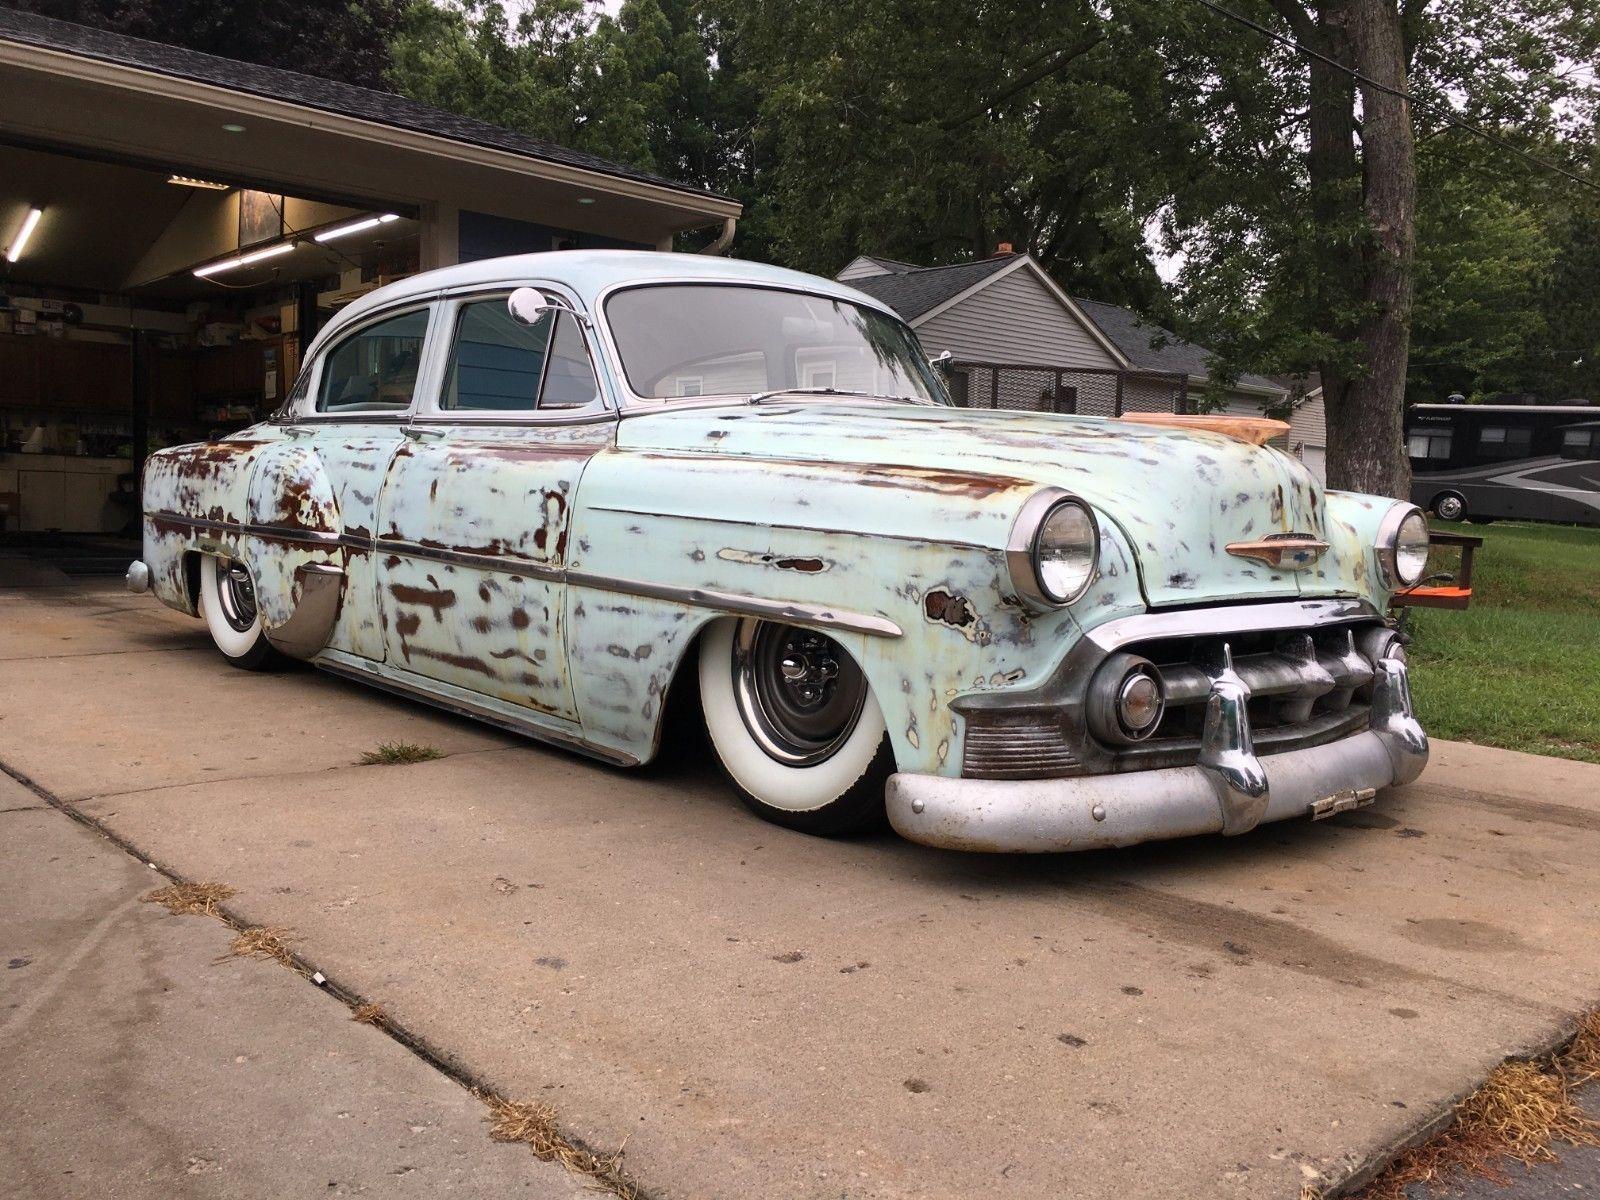 Amazing 1953 Chevrolet Bel Air/150/210 1953 Chevy 4 door ...